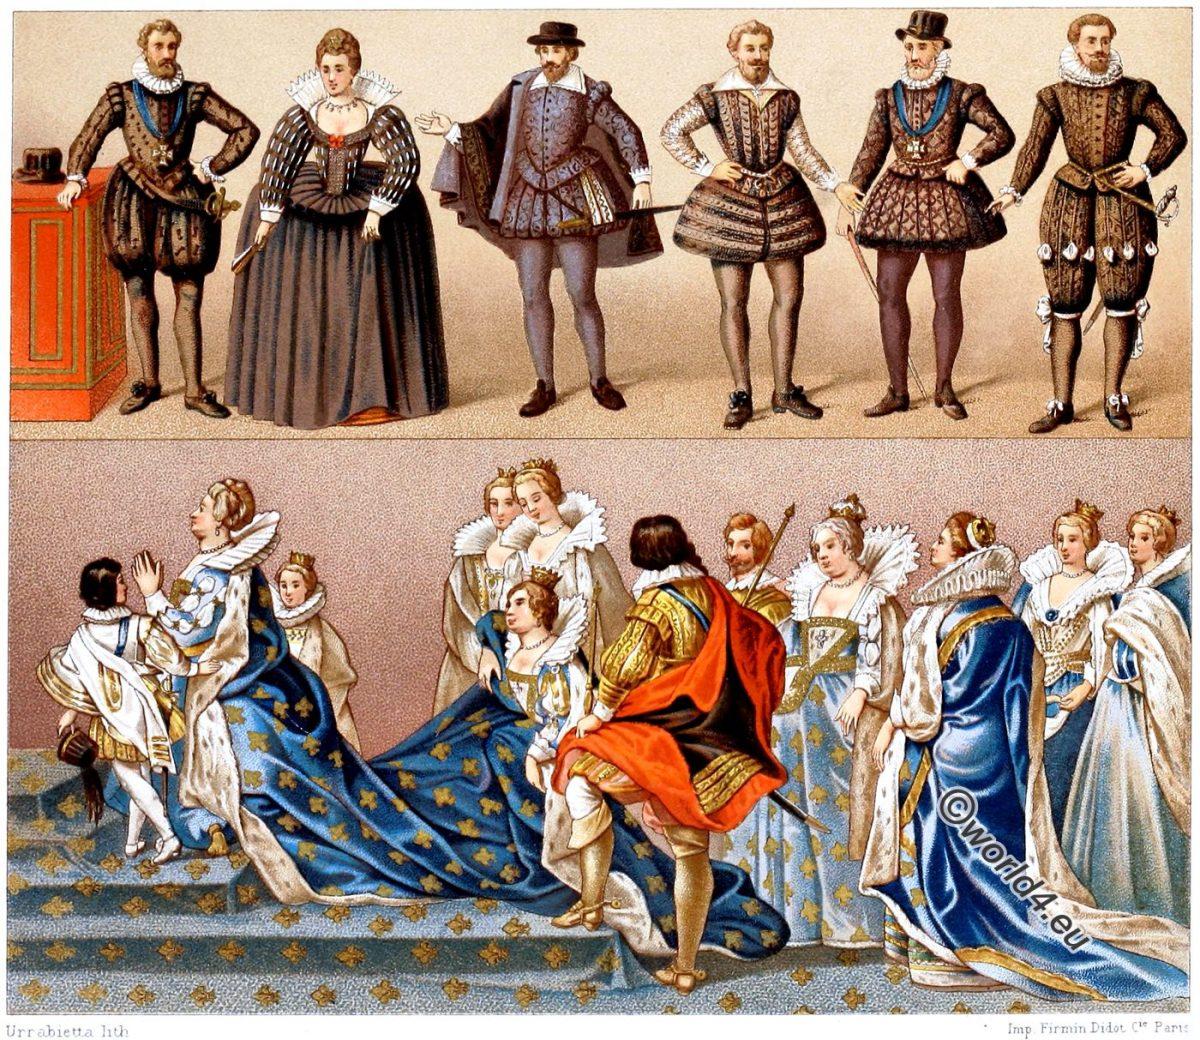 Kostümgeschichte, Renaissance, Barock, Heinrich IV, Maria von Medicis, Kostüme,